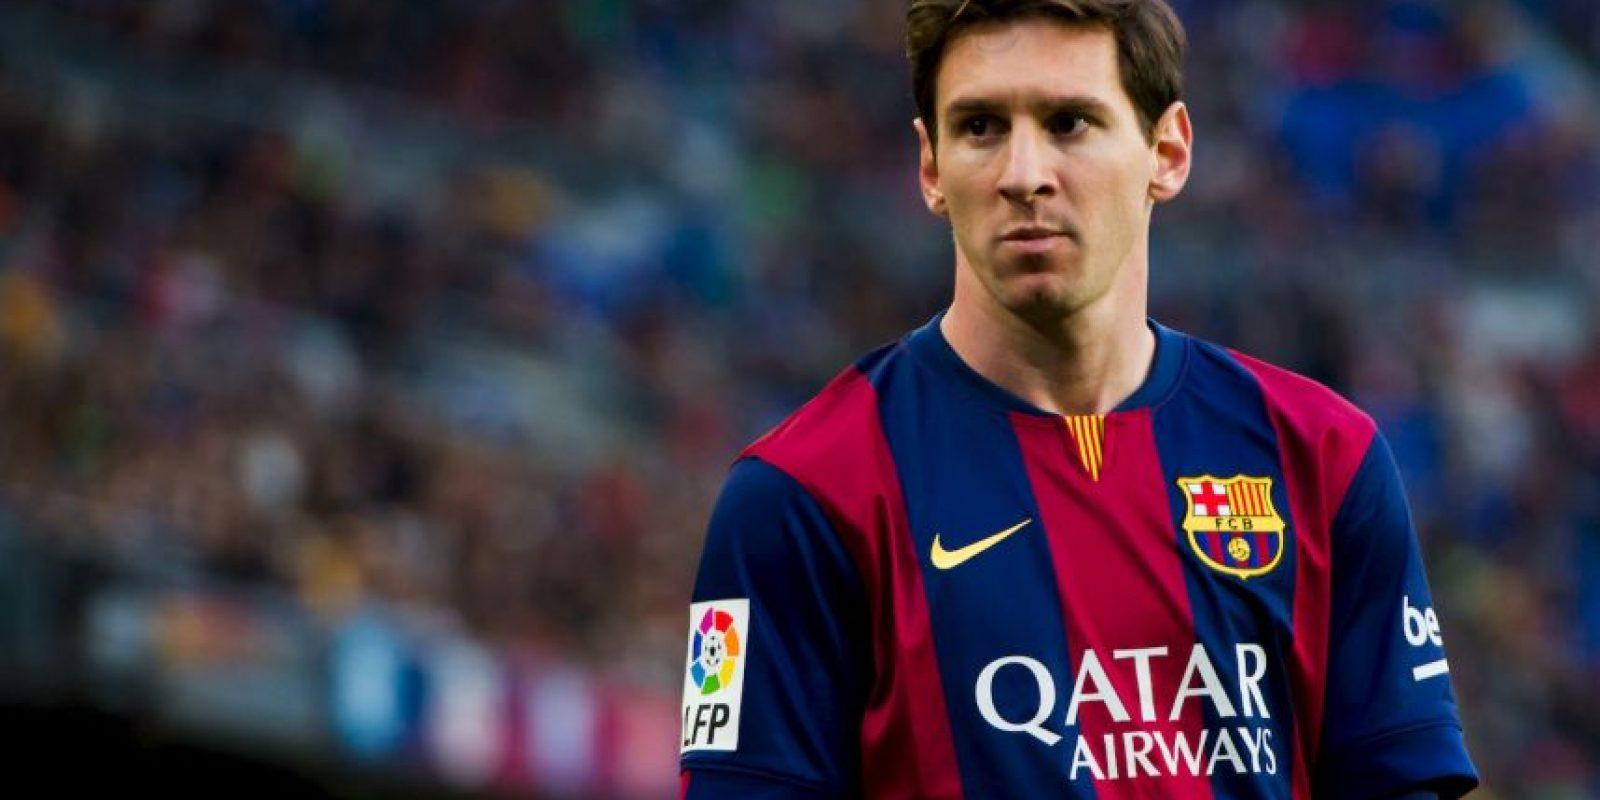 En la temporada 2011-2012 se convirtió en el primer y hasta ahora, único jugador, en ganar el Balón de Oro, el FIFA World Player, el Pichichi y la Bota de Oro en una misma temporada. Foto:Getty Images